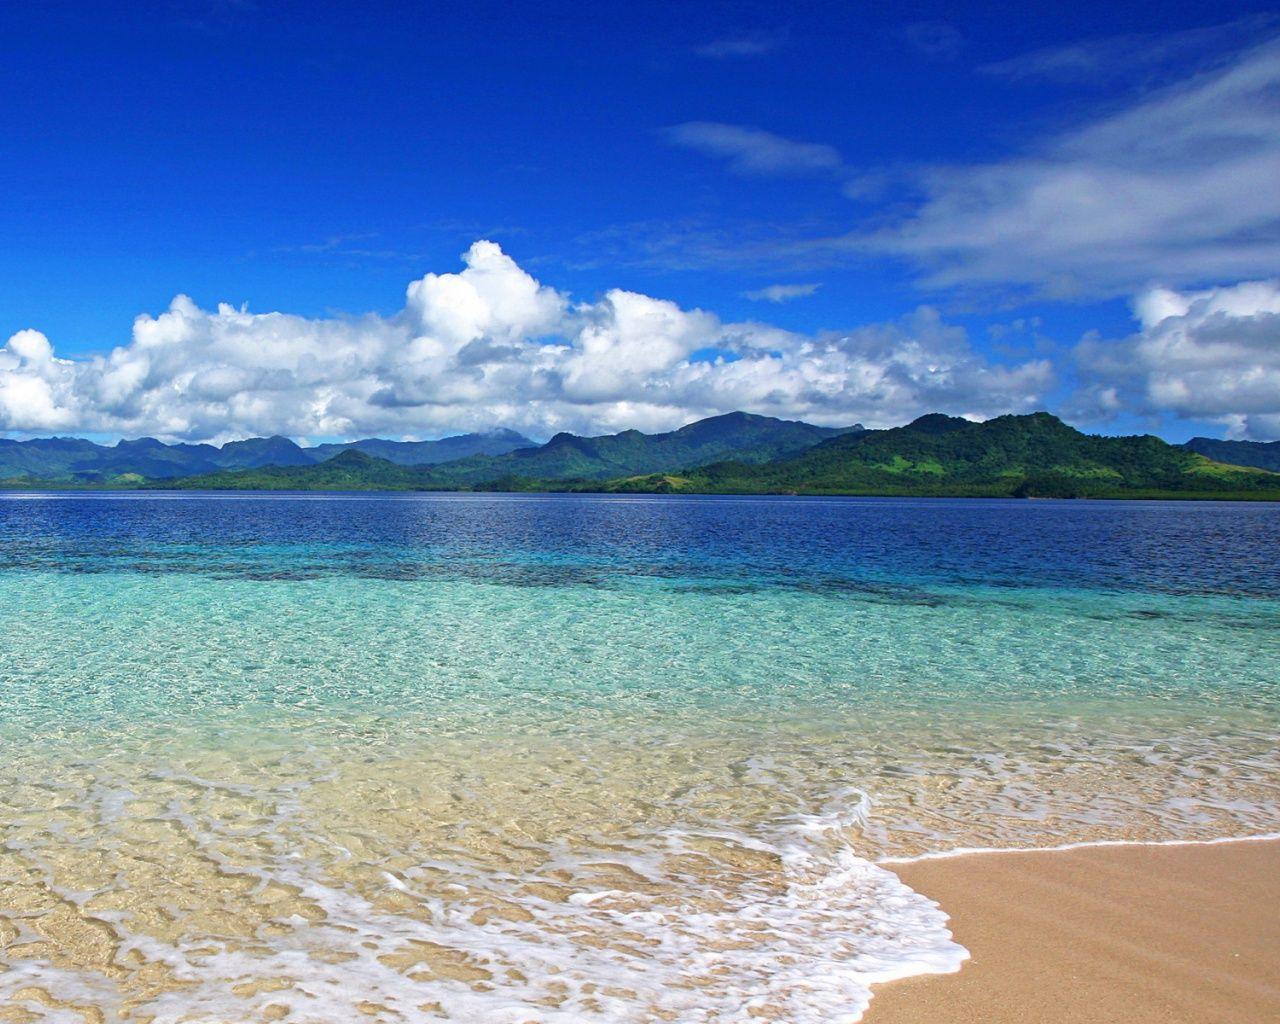 1280x1024 Wonderful Ocean Island Beach Hình nền máy tính để bàn PC và Mac